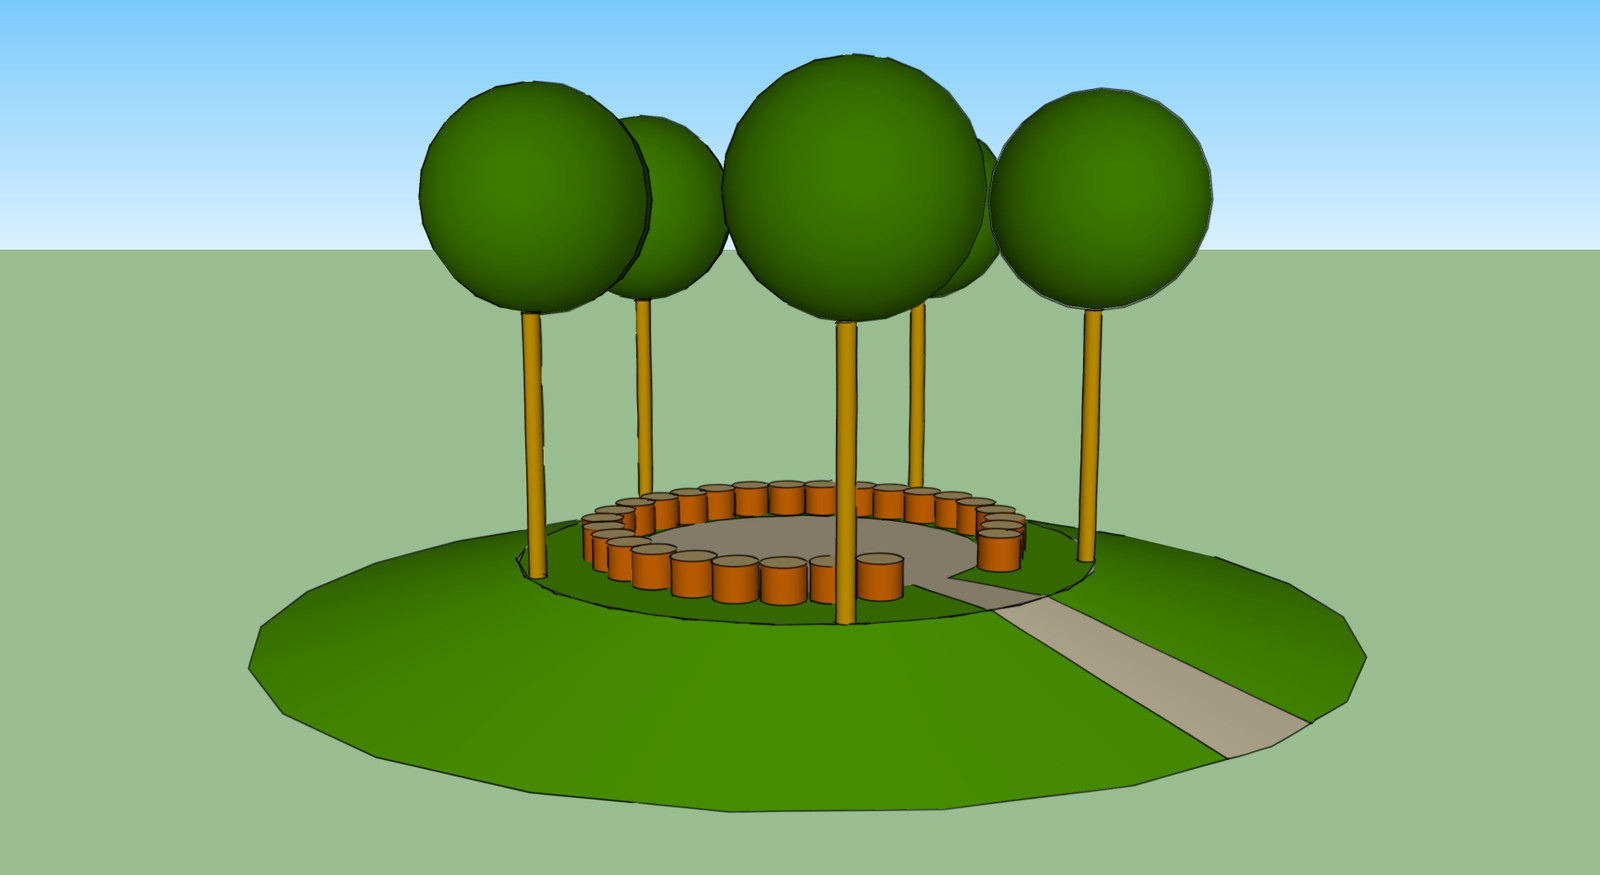 Ontwerp van de gedenkplek voor coronaslachtoffers in het kanaalpark.